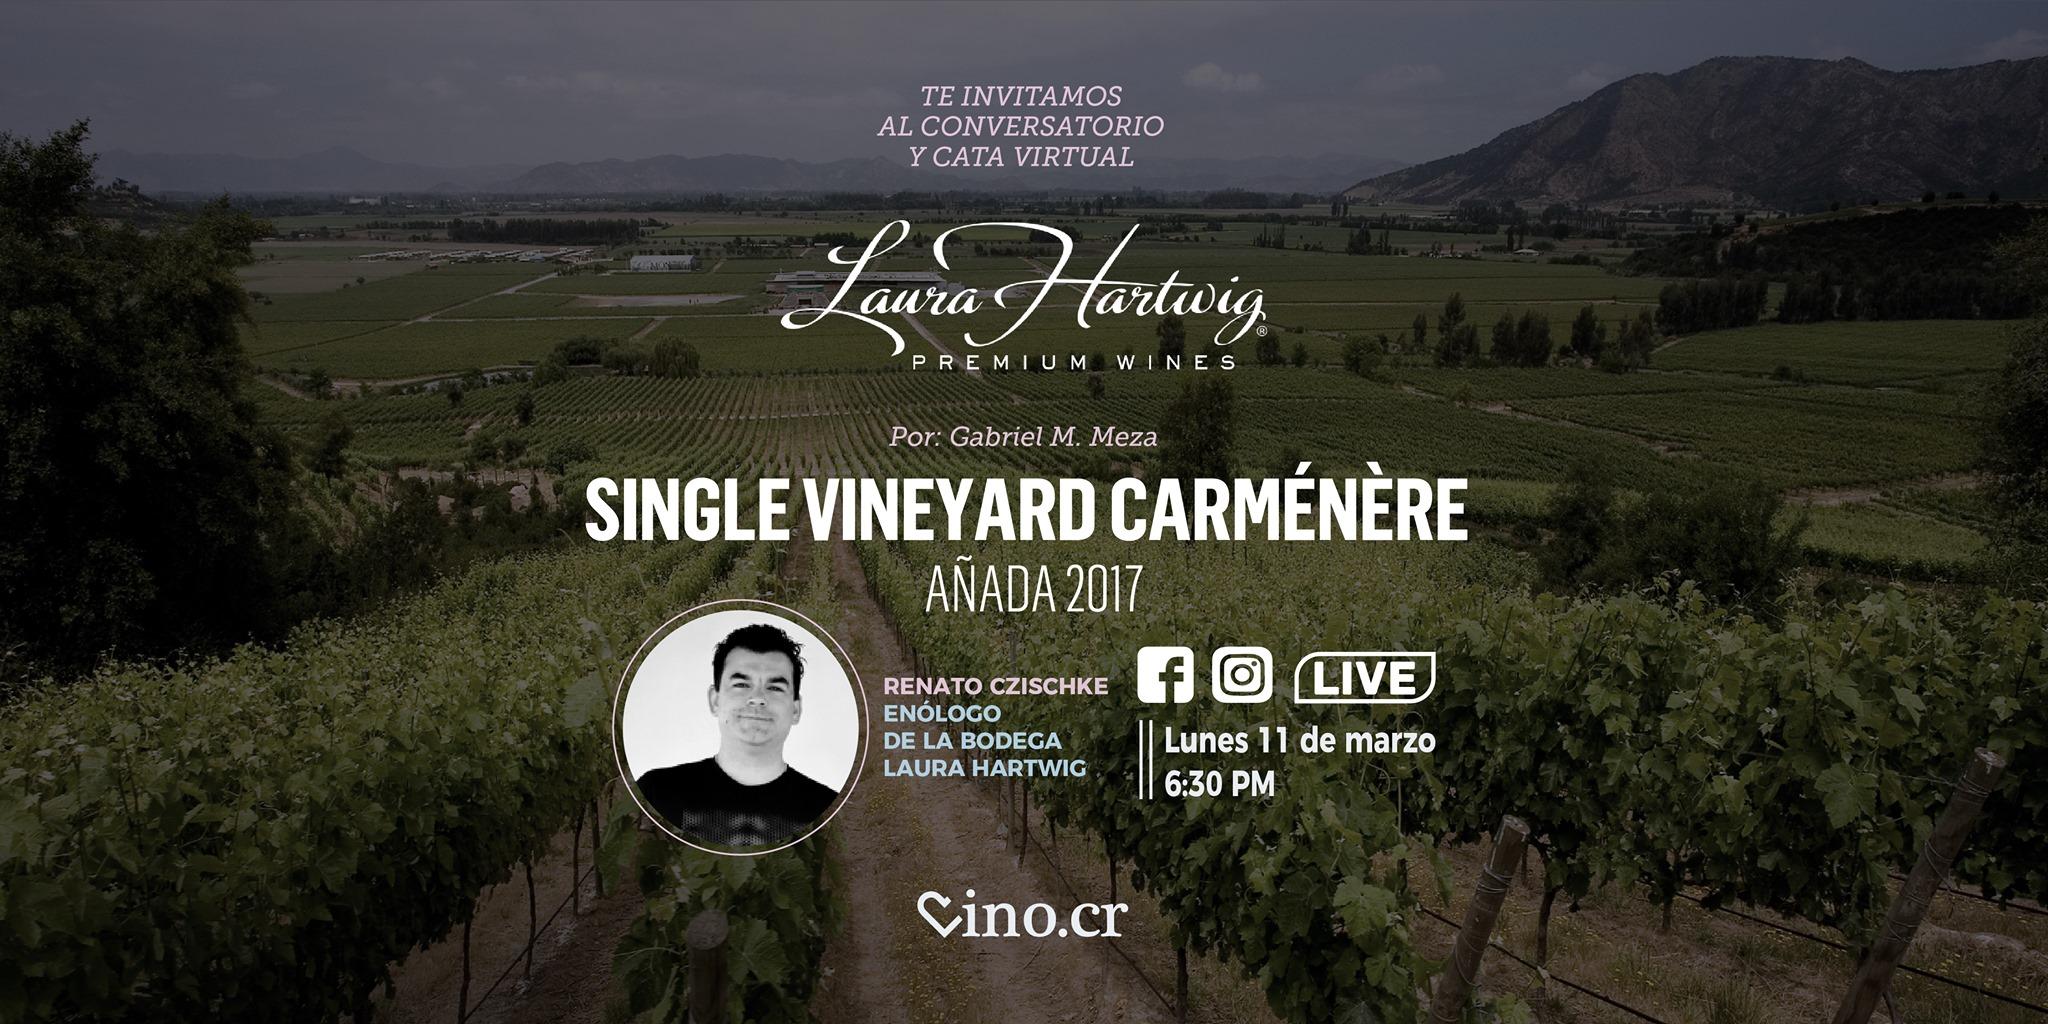 Conversatorio y cata virtual del vino Laura Hartwig Carménère 2017